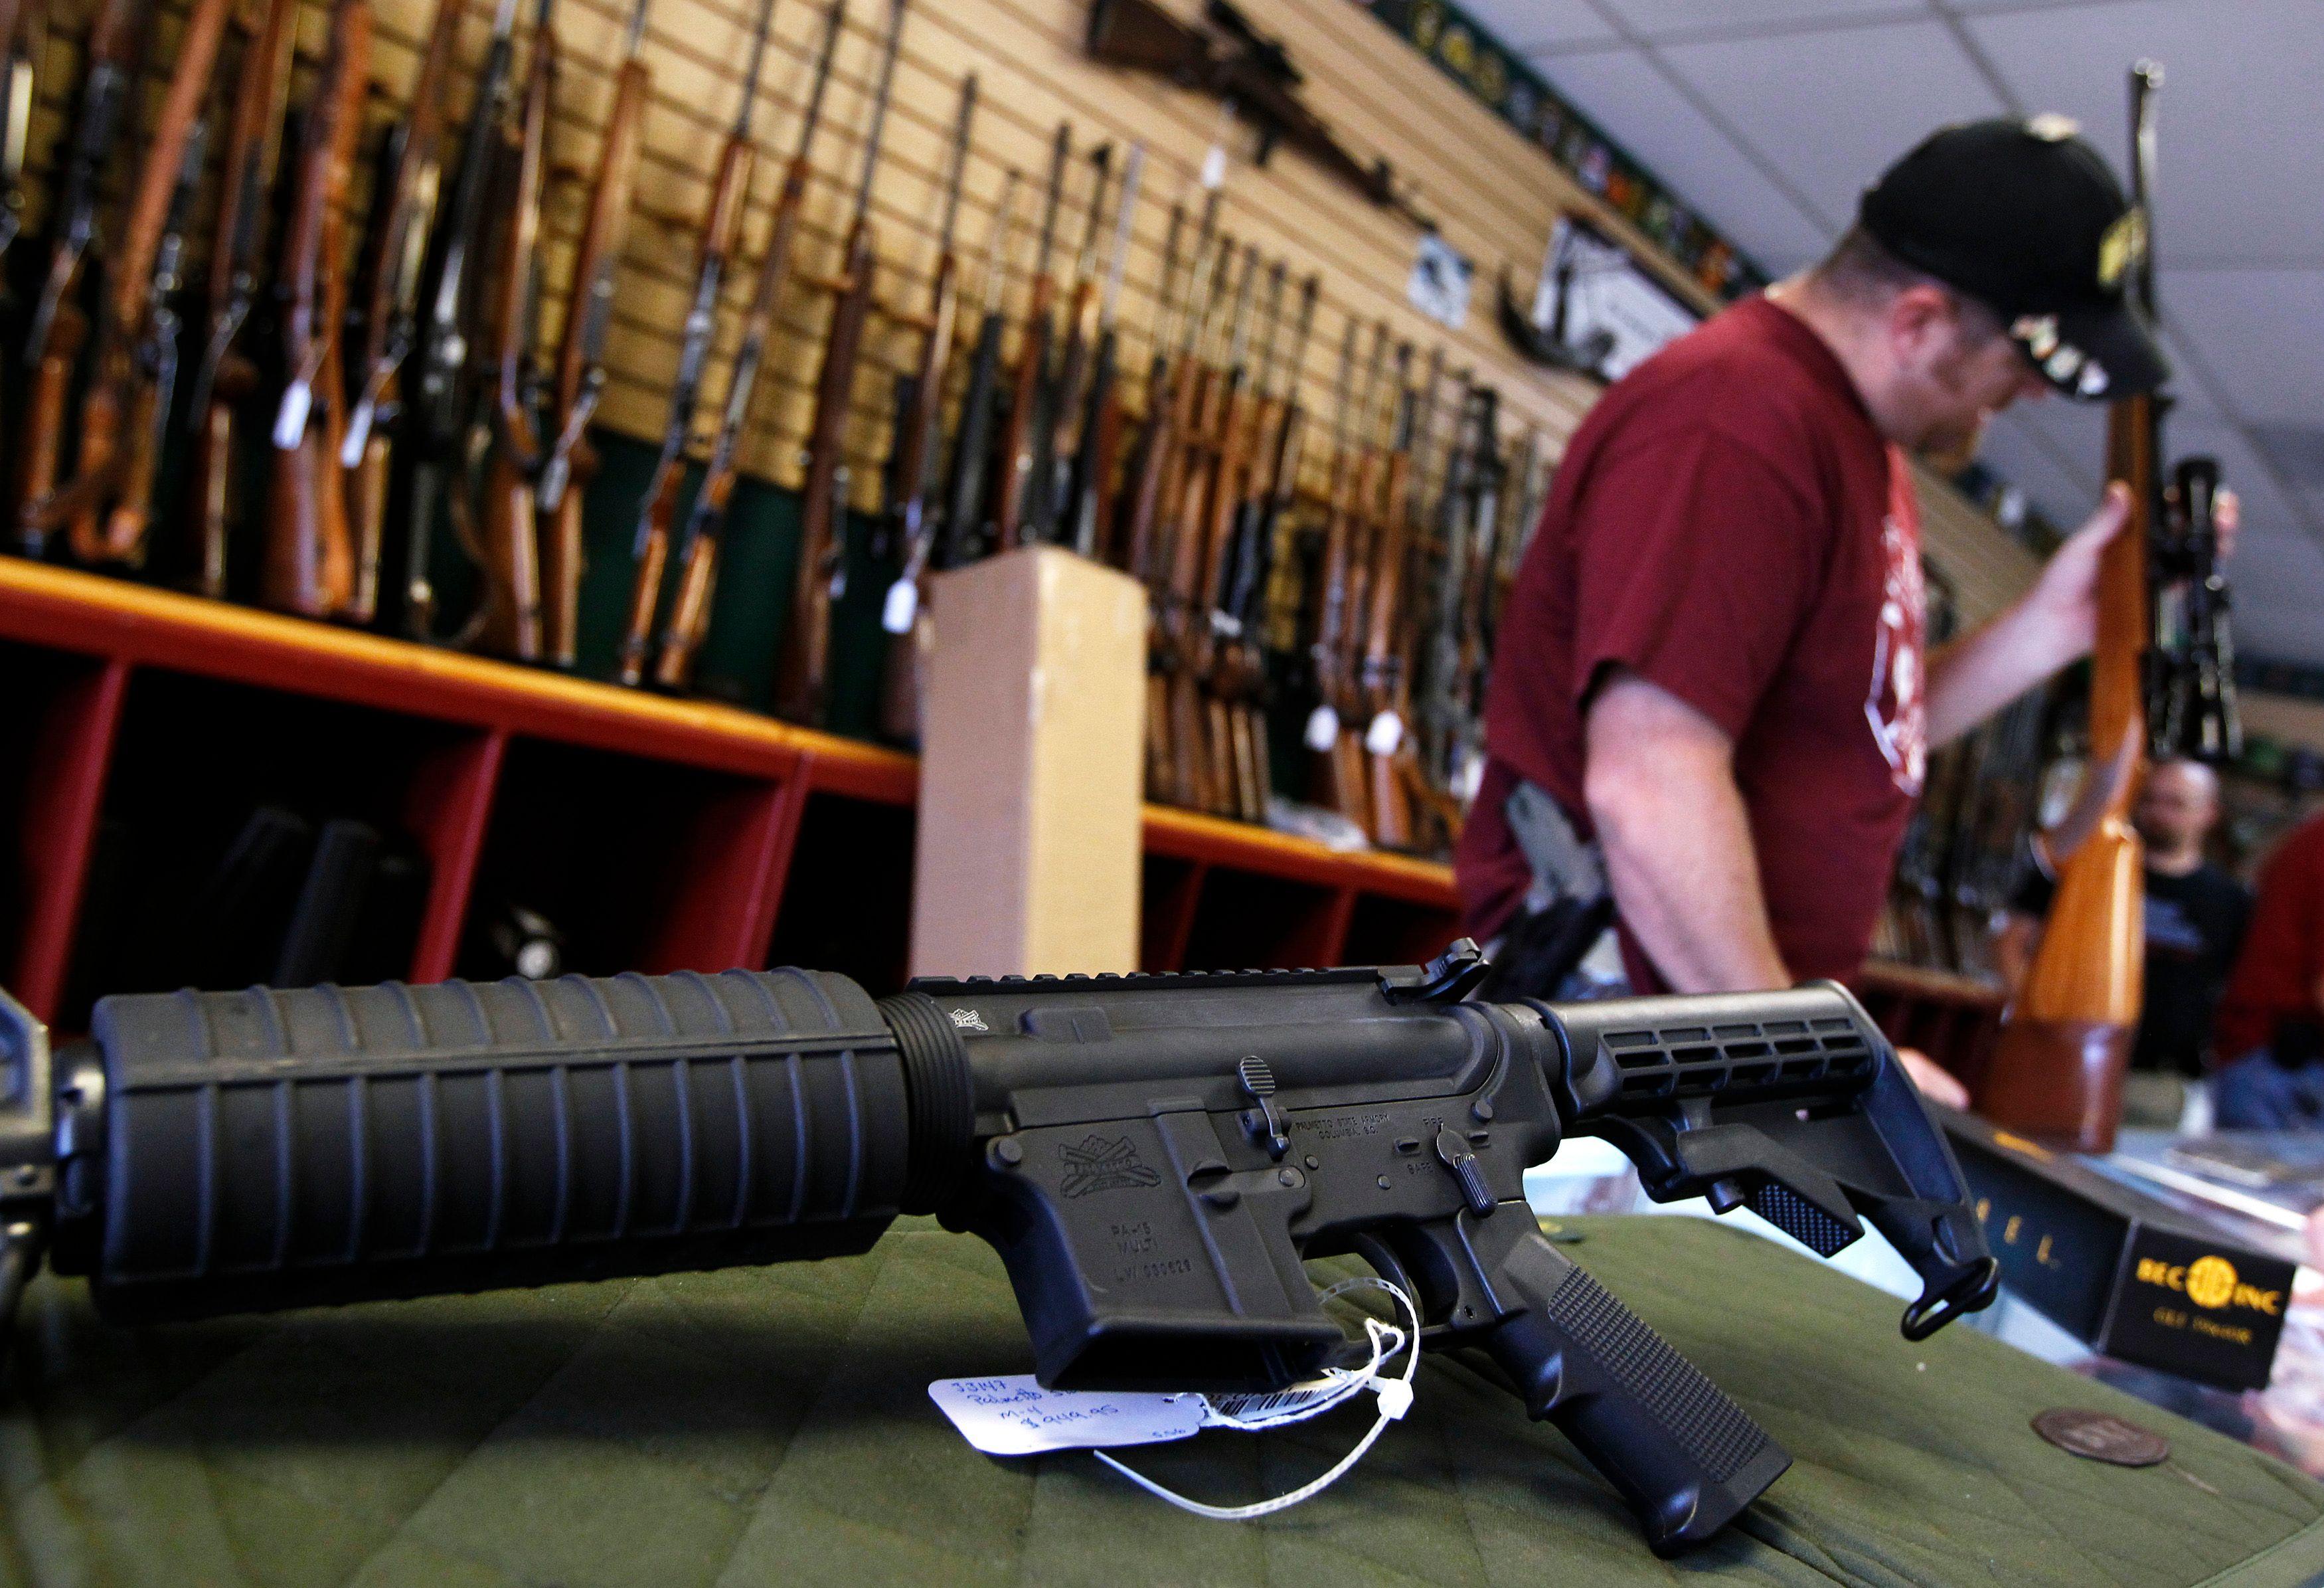 Les armes étaient dissimulées dans l'habitacle de la voiture, ainsi que le pare-choc